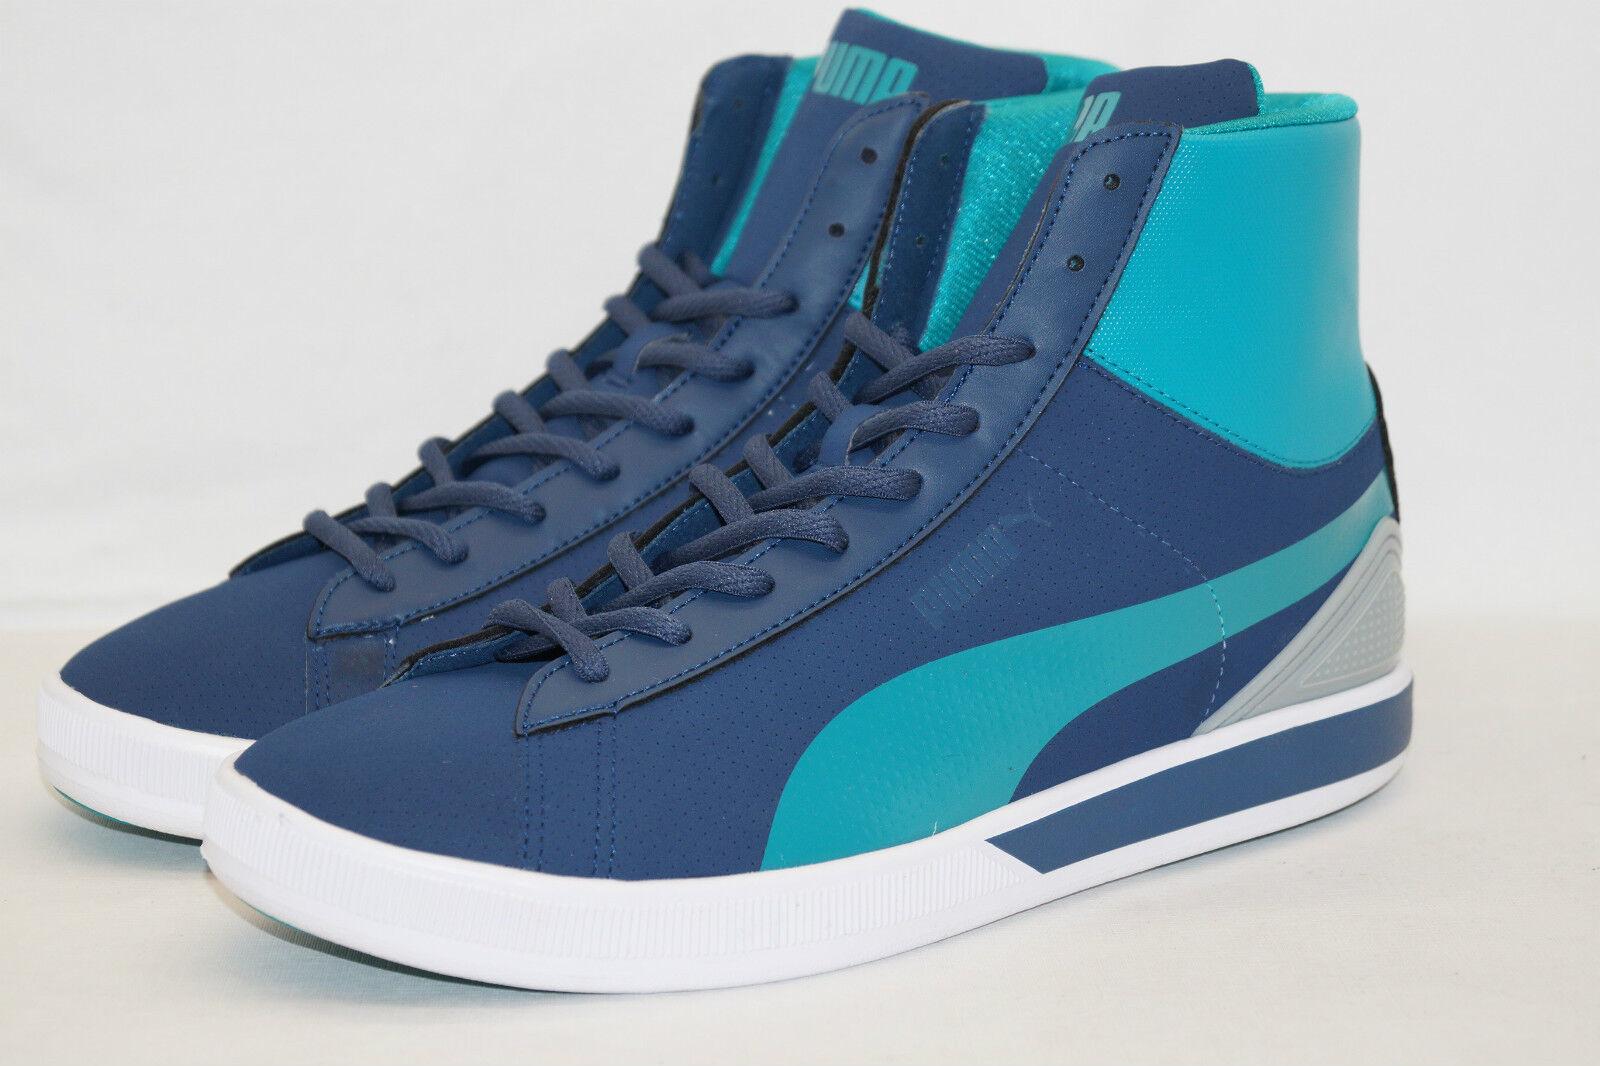 Puma Future Suede Mid Lite Perf taille 44 uk.10, 5 Bleu Très Légère Chaussure